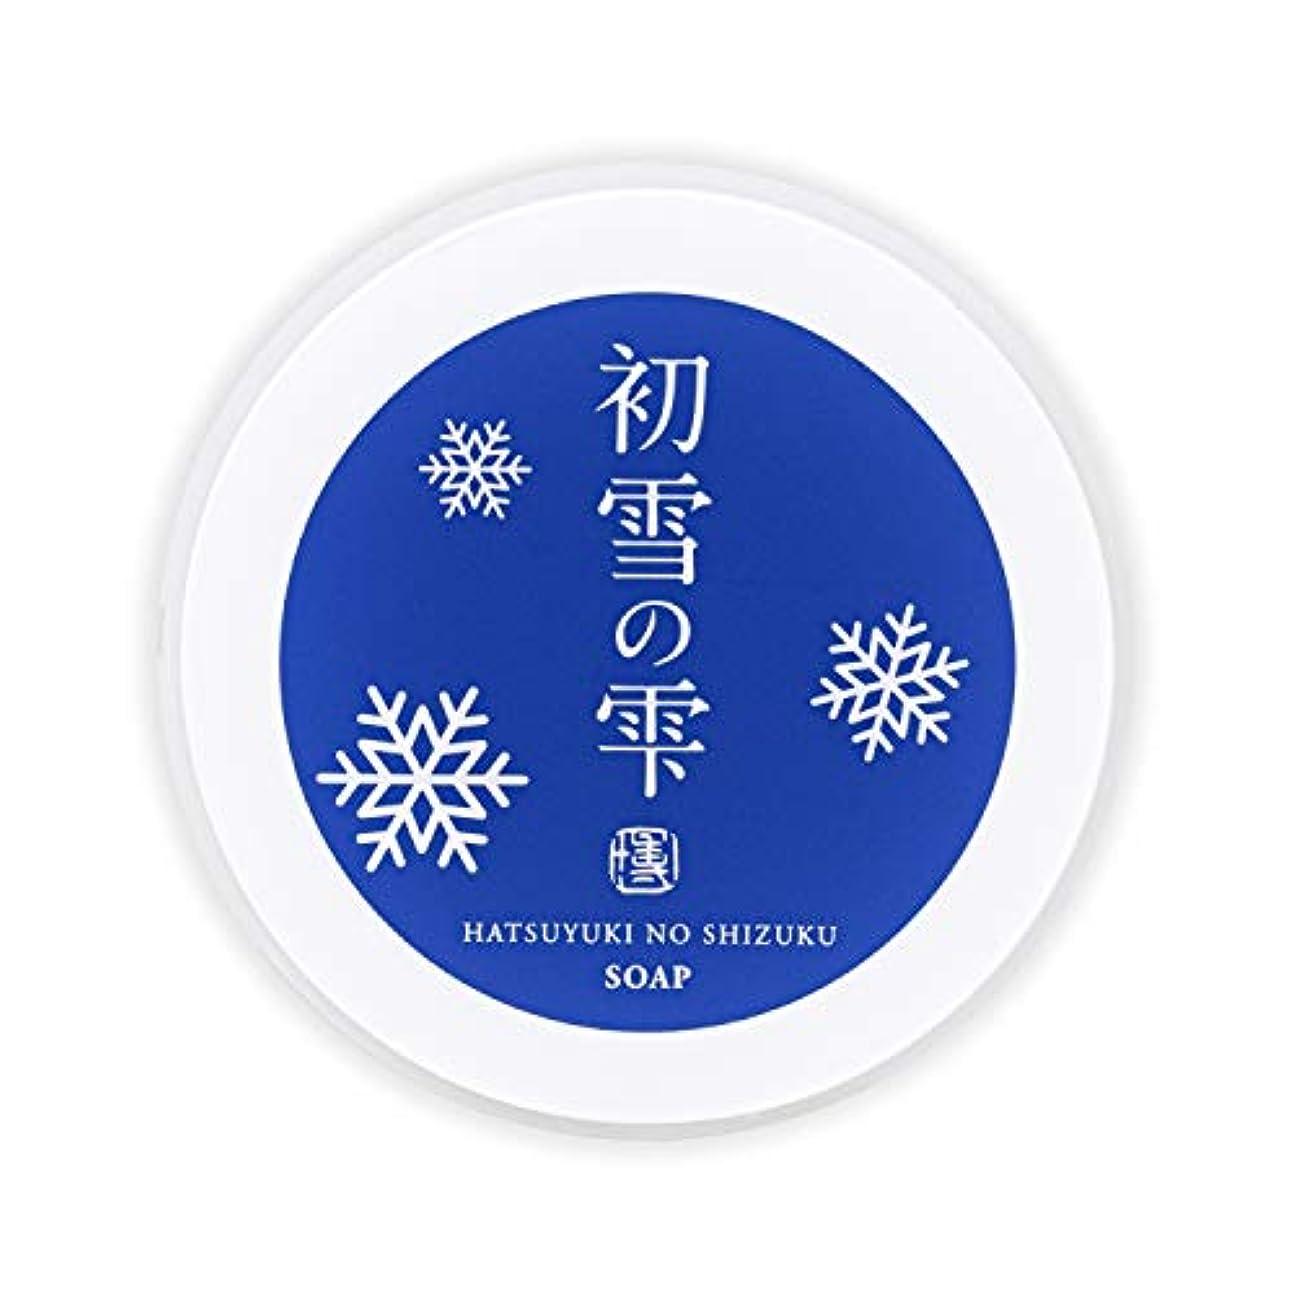 ドライバペストリー肝初雪の雫 洗顔 練り せっけん ジャータイプ 34g [アミノ酸 ヒアルロン酸 プラセンタエキス セラミド 配合]